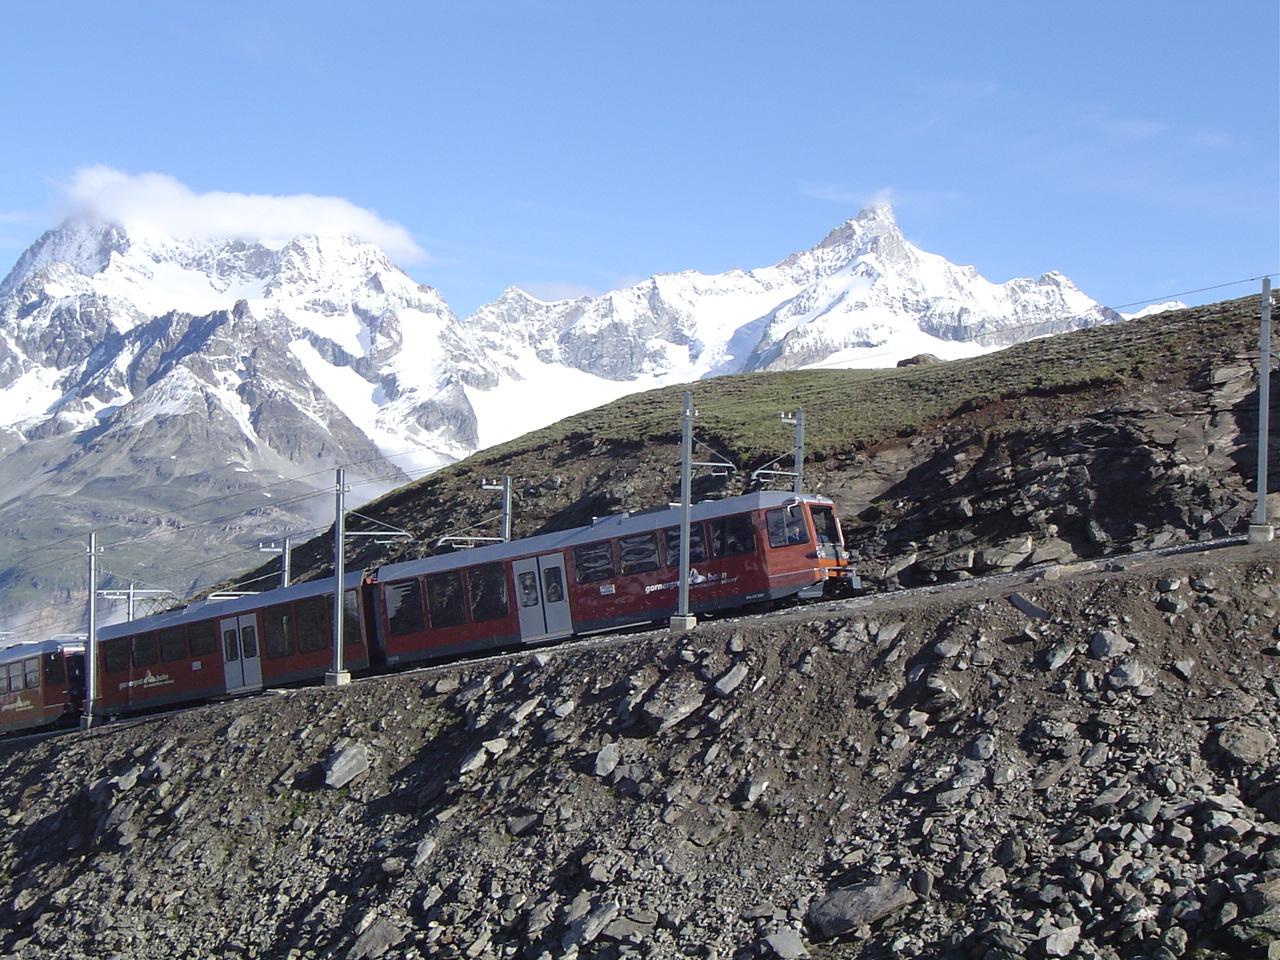 ツェルマットから登山鉄道でゴルナーグラード展望台へ